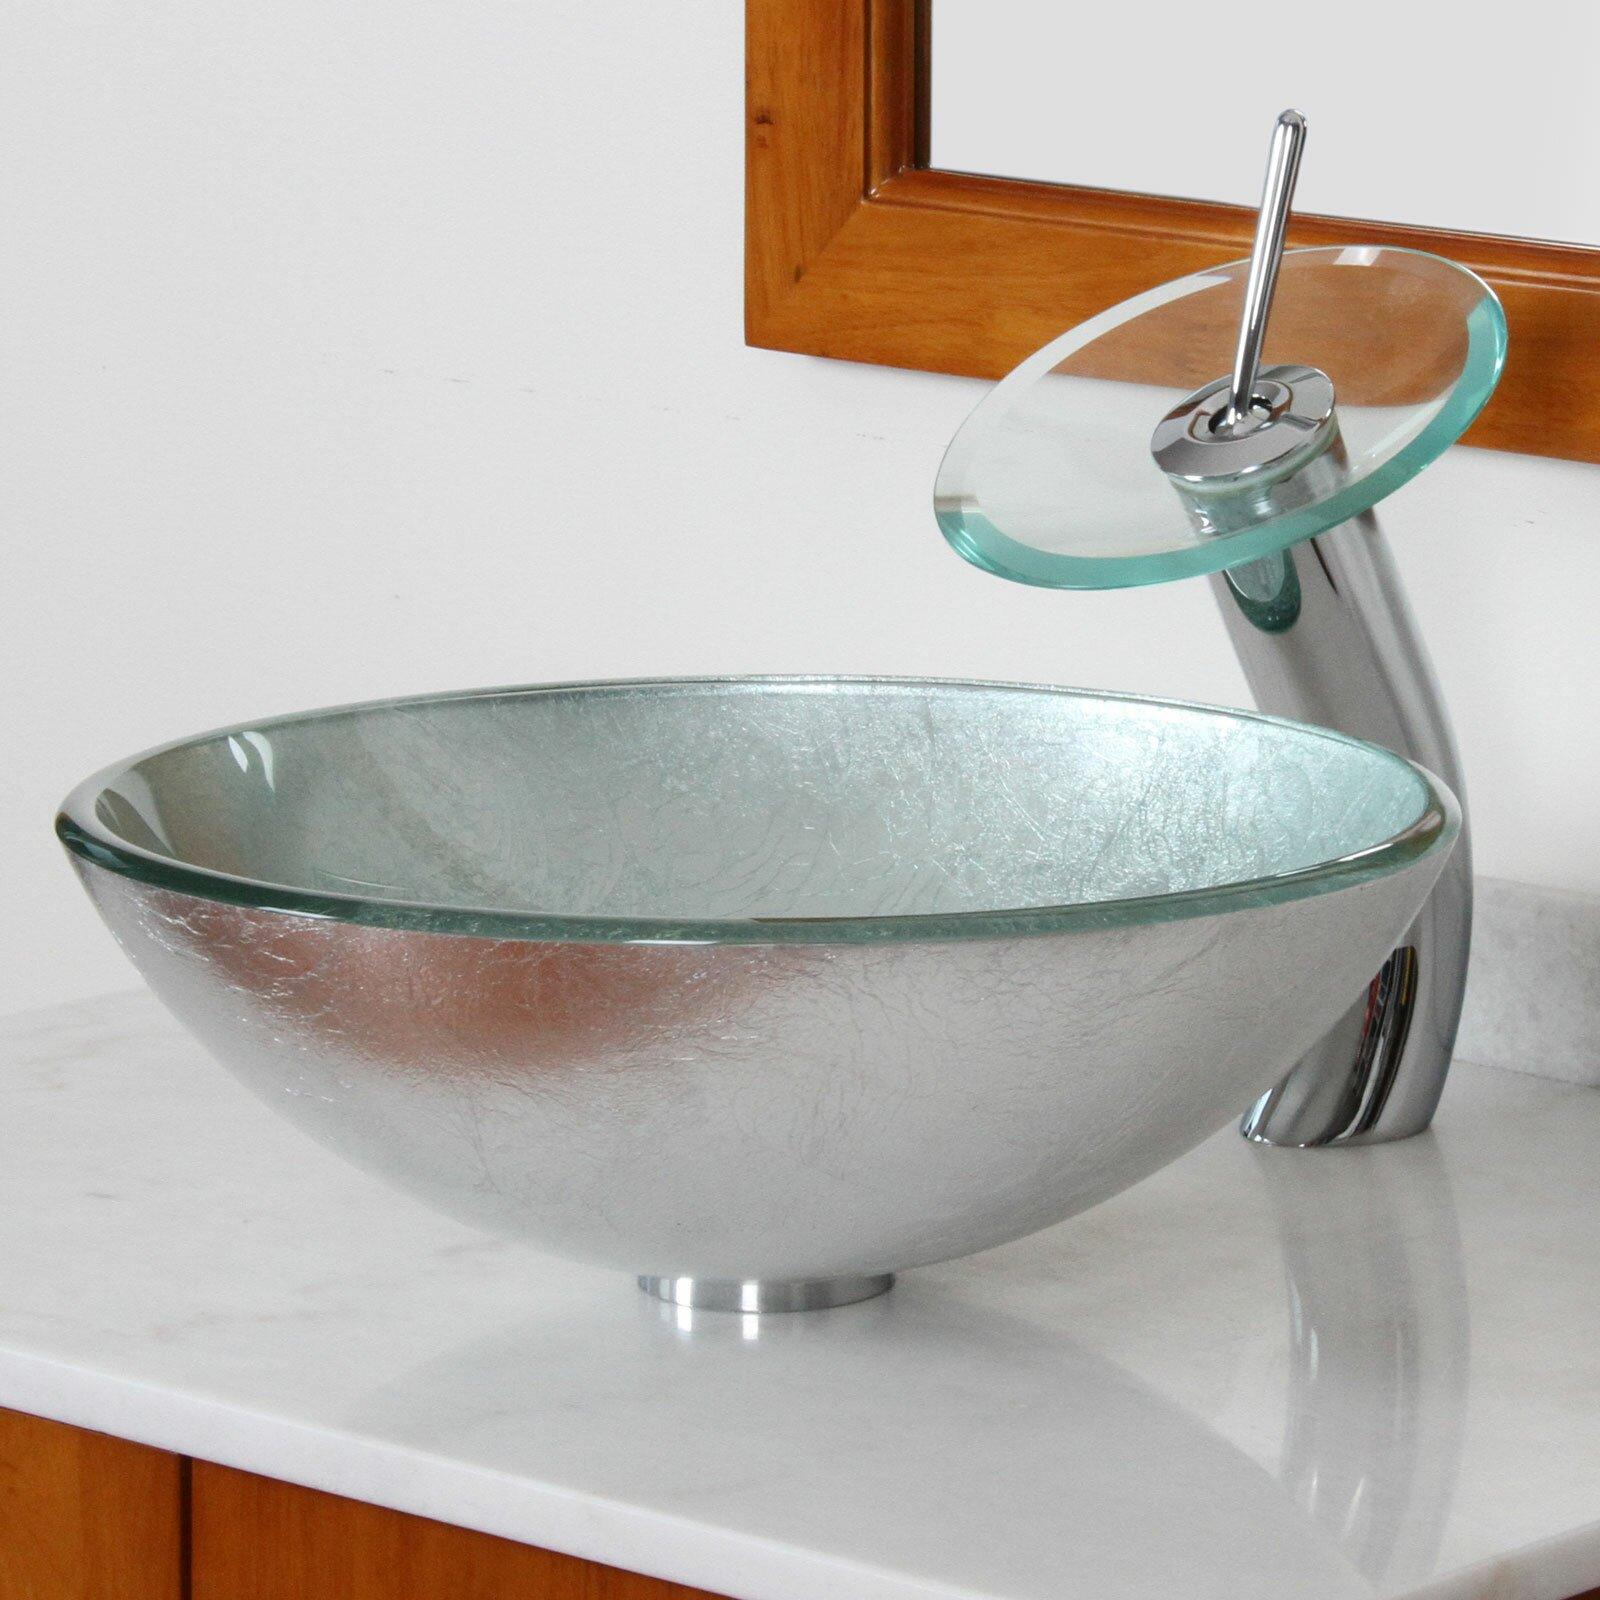 elite hand painted foil round bowl vessel bathroom sink reviews wayfair